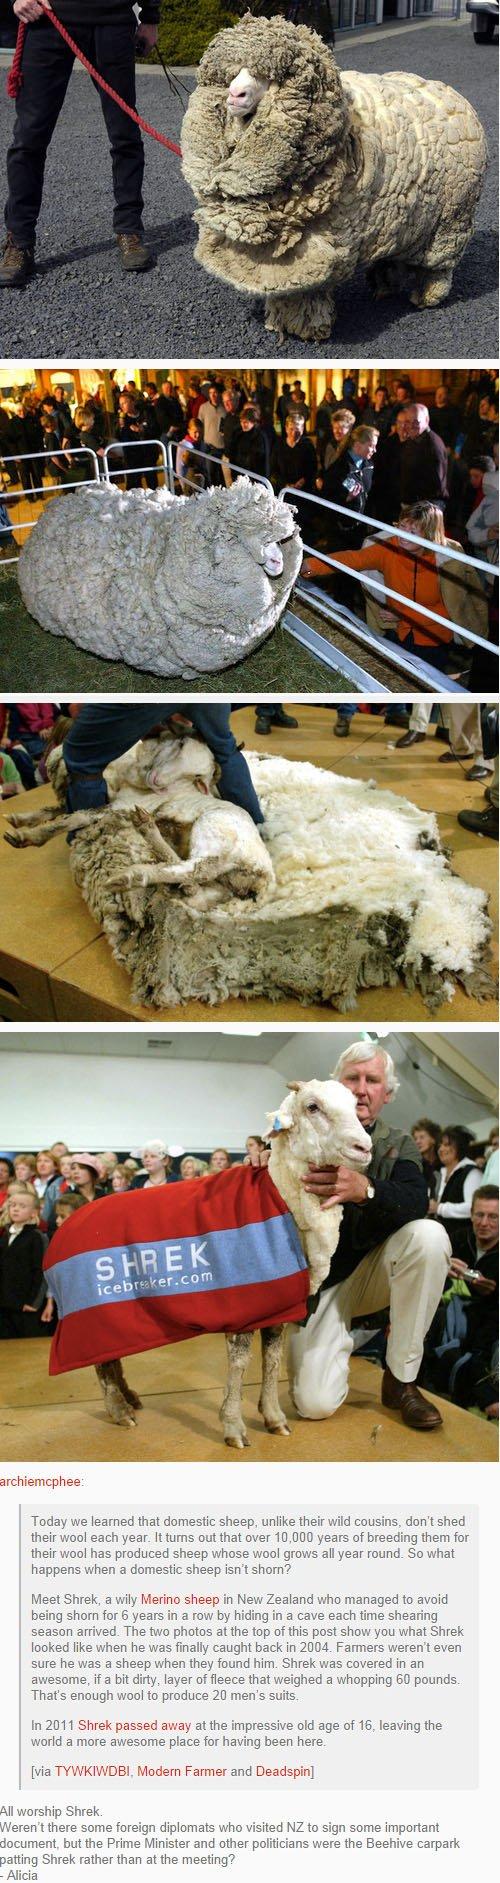 fatos bizarros da Nova Zelândia ovelha shrek